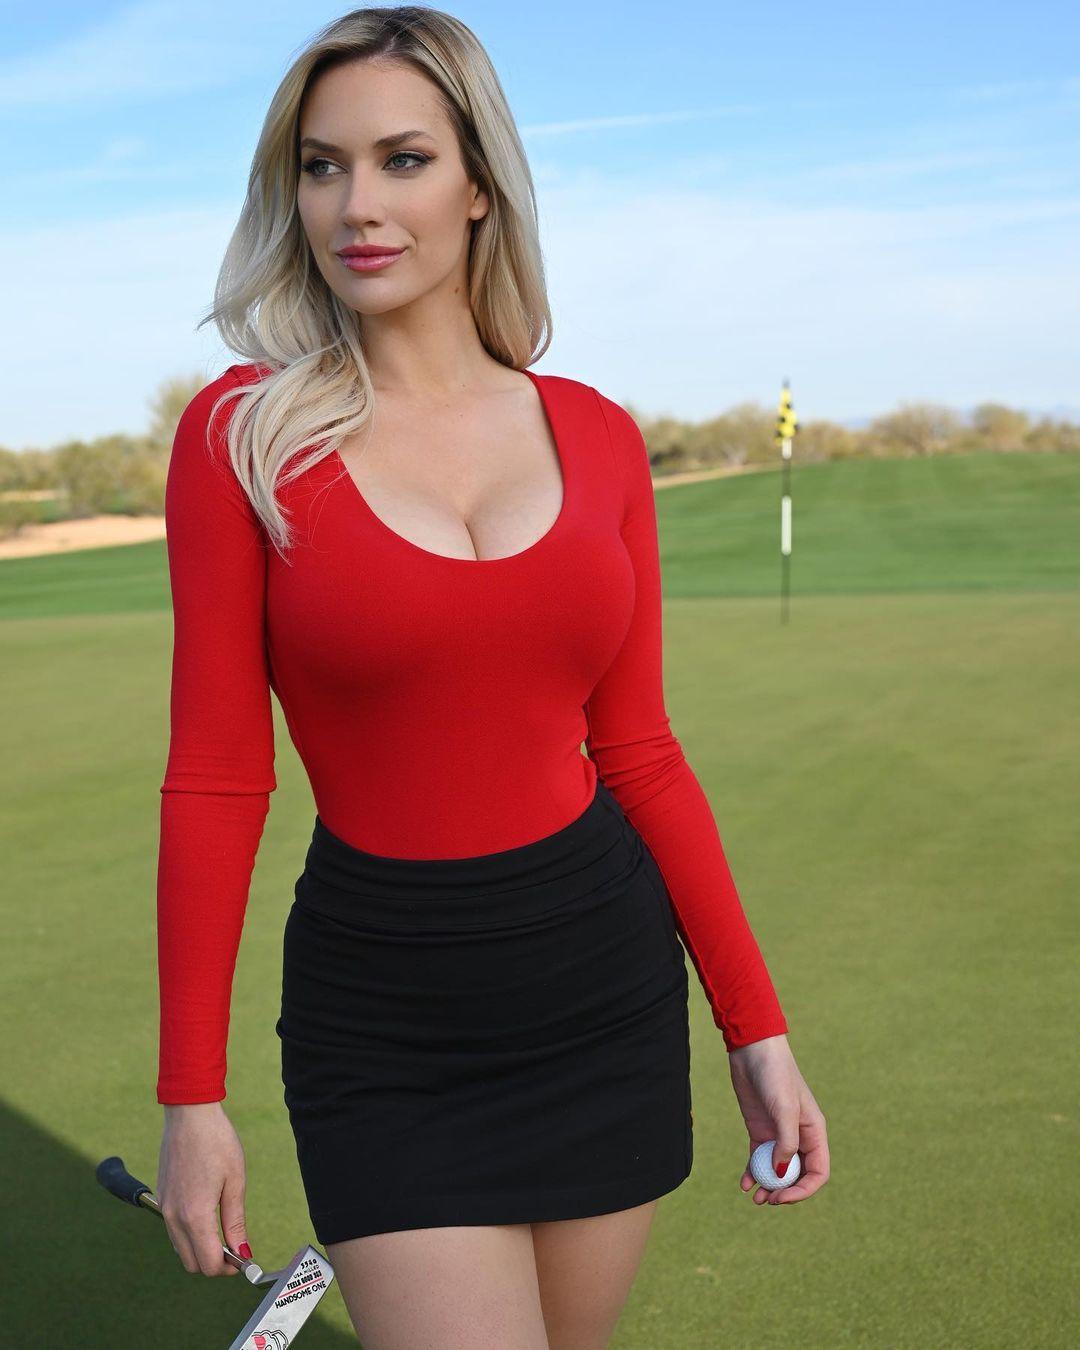 Paige Spiranac (Пейдж Спиранак) - Самая сексуальная гольфистка в Мире 13